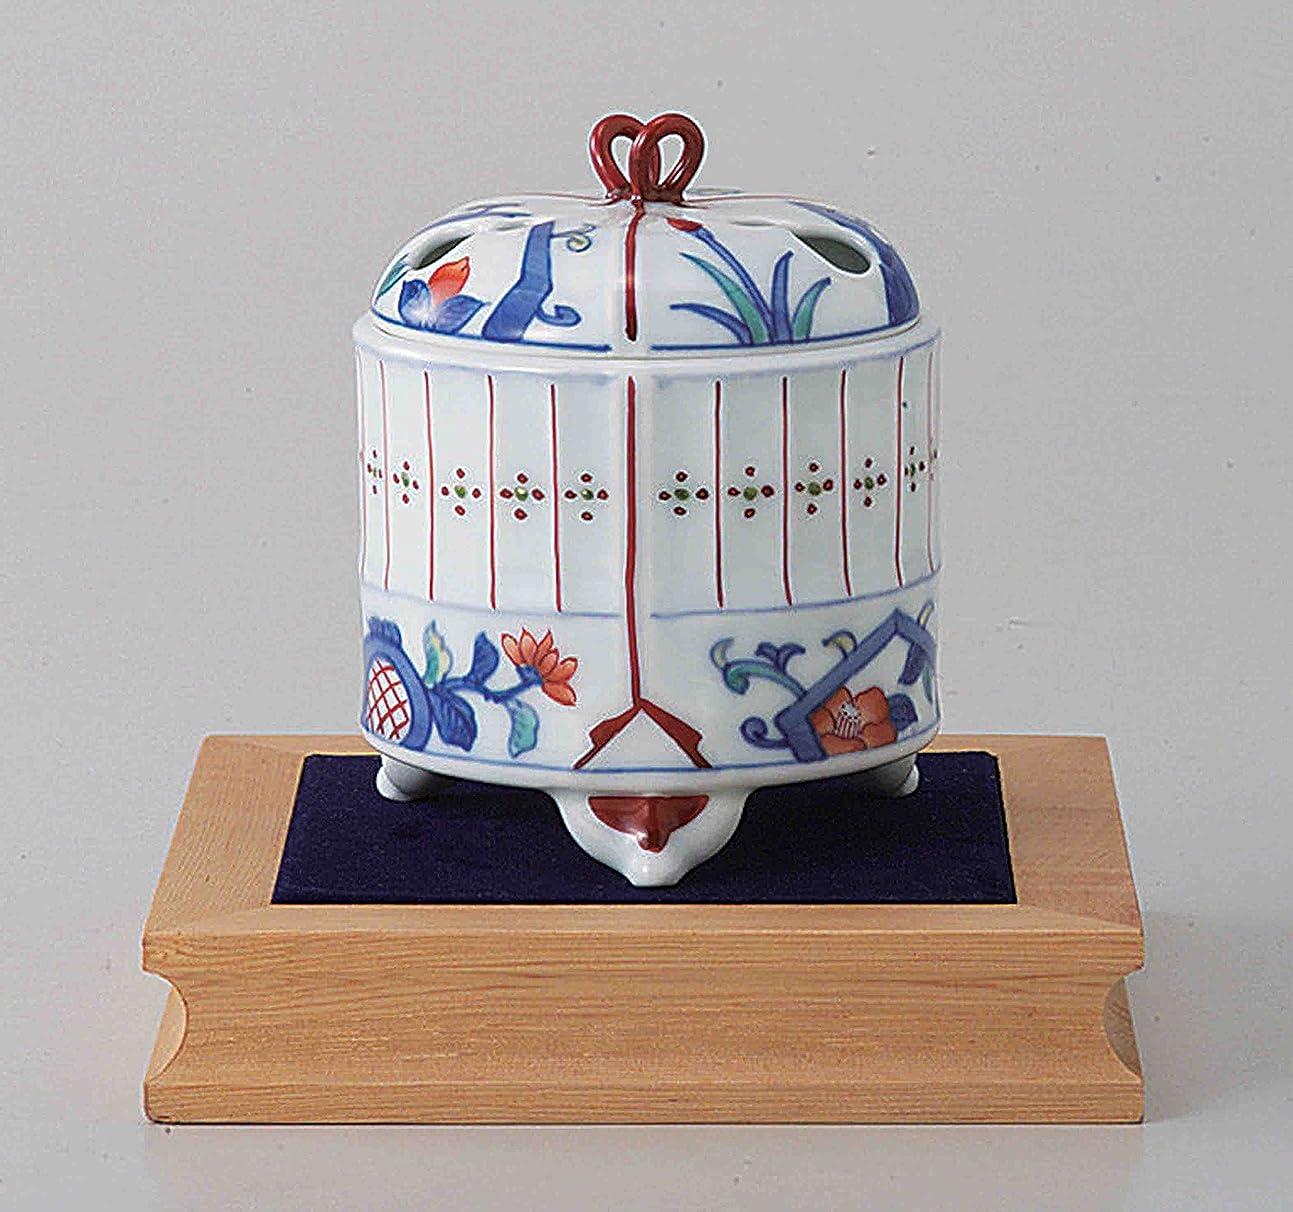 素朴な途方もない脇に東京抹茶Selection?–?[プレミアム] Arita Porcelain Cencer : Insectケージ?–?Incense BurnerホルダーWベース&ボックス日本から[ EMSで発送標準: withトラッキング&保険]